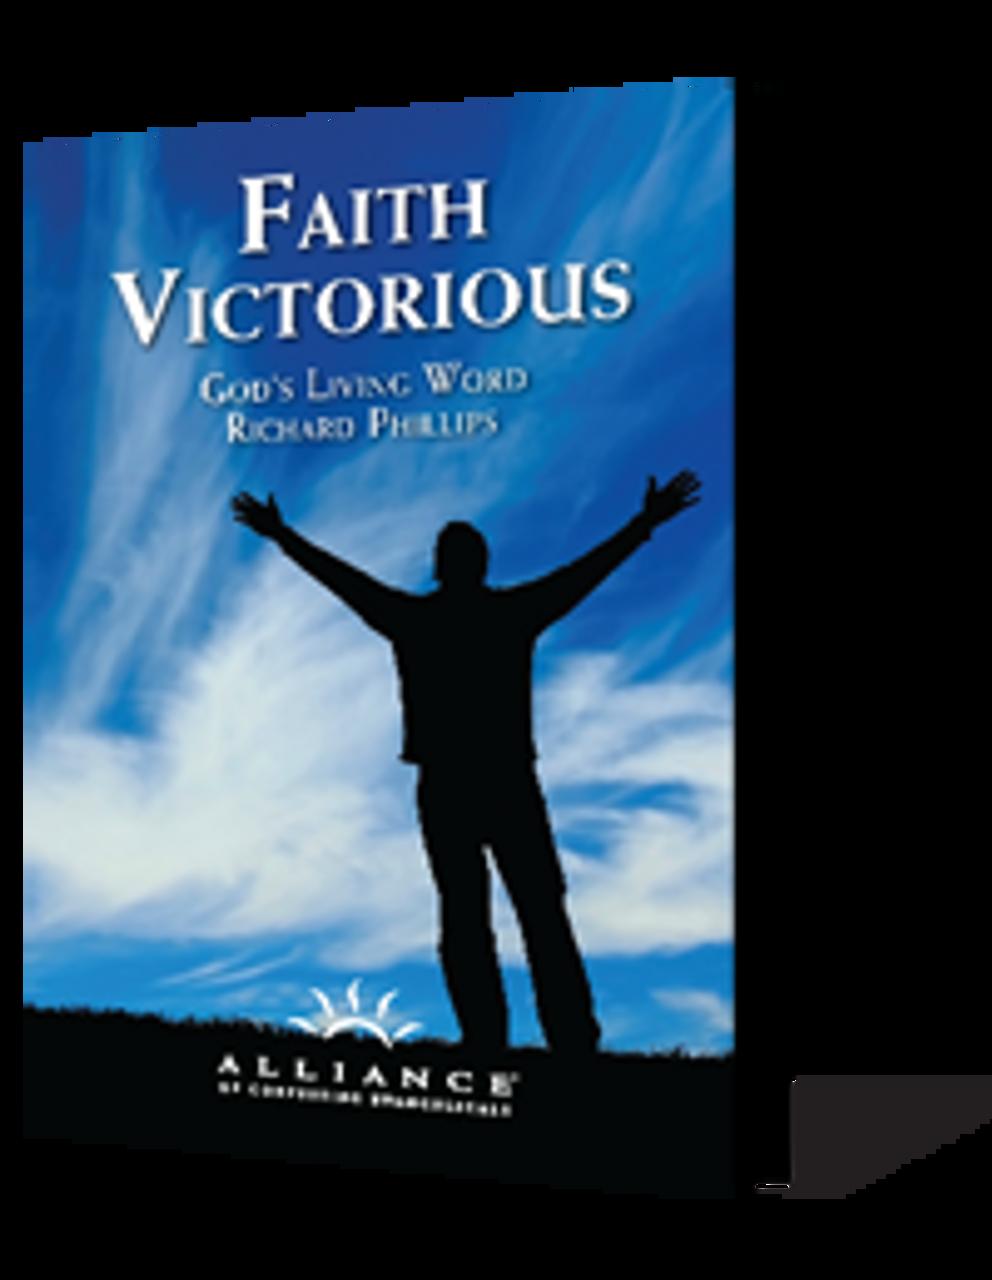 Faith Victorious (CD Set)